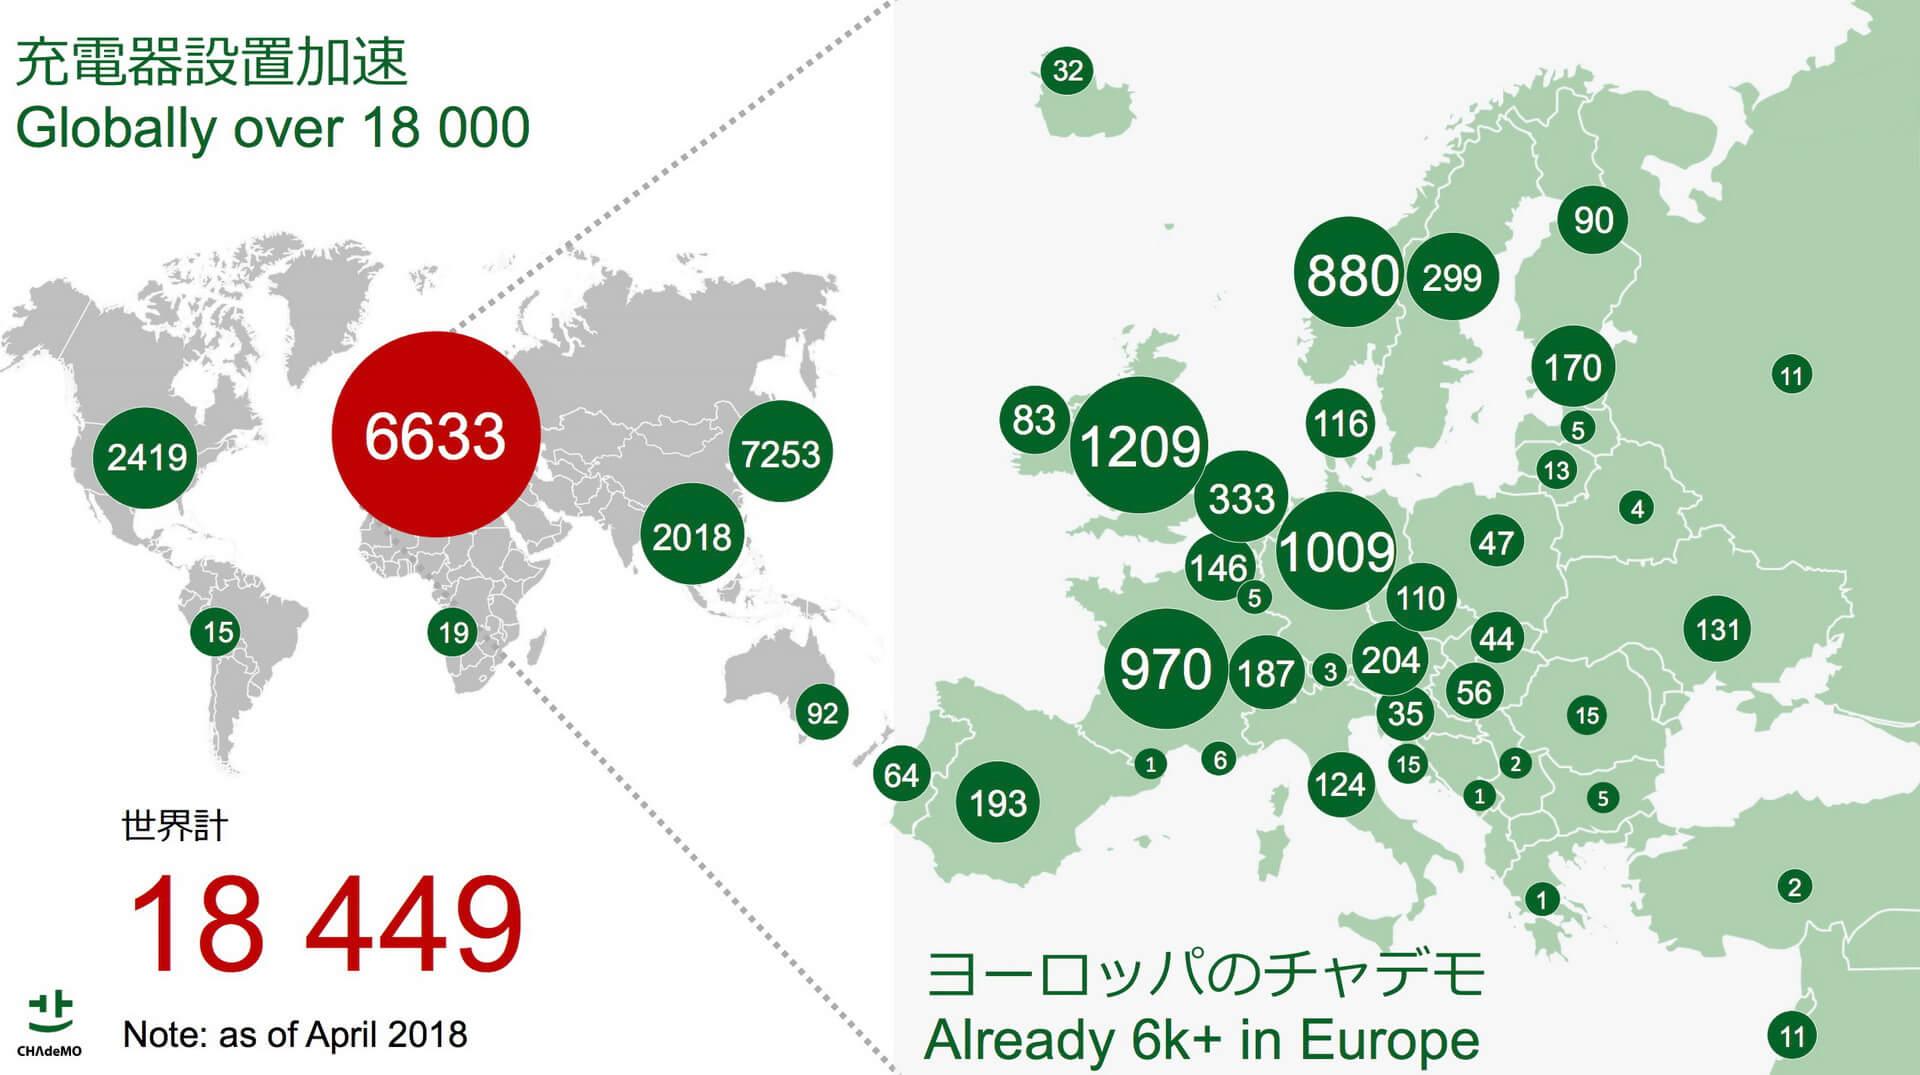 Карта глобального распространения стандарта CHAdeMO